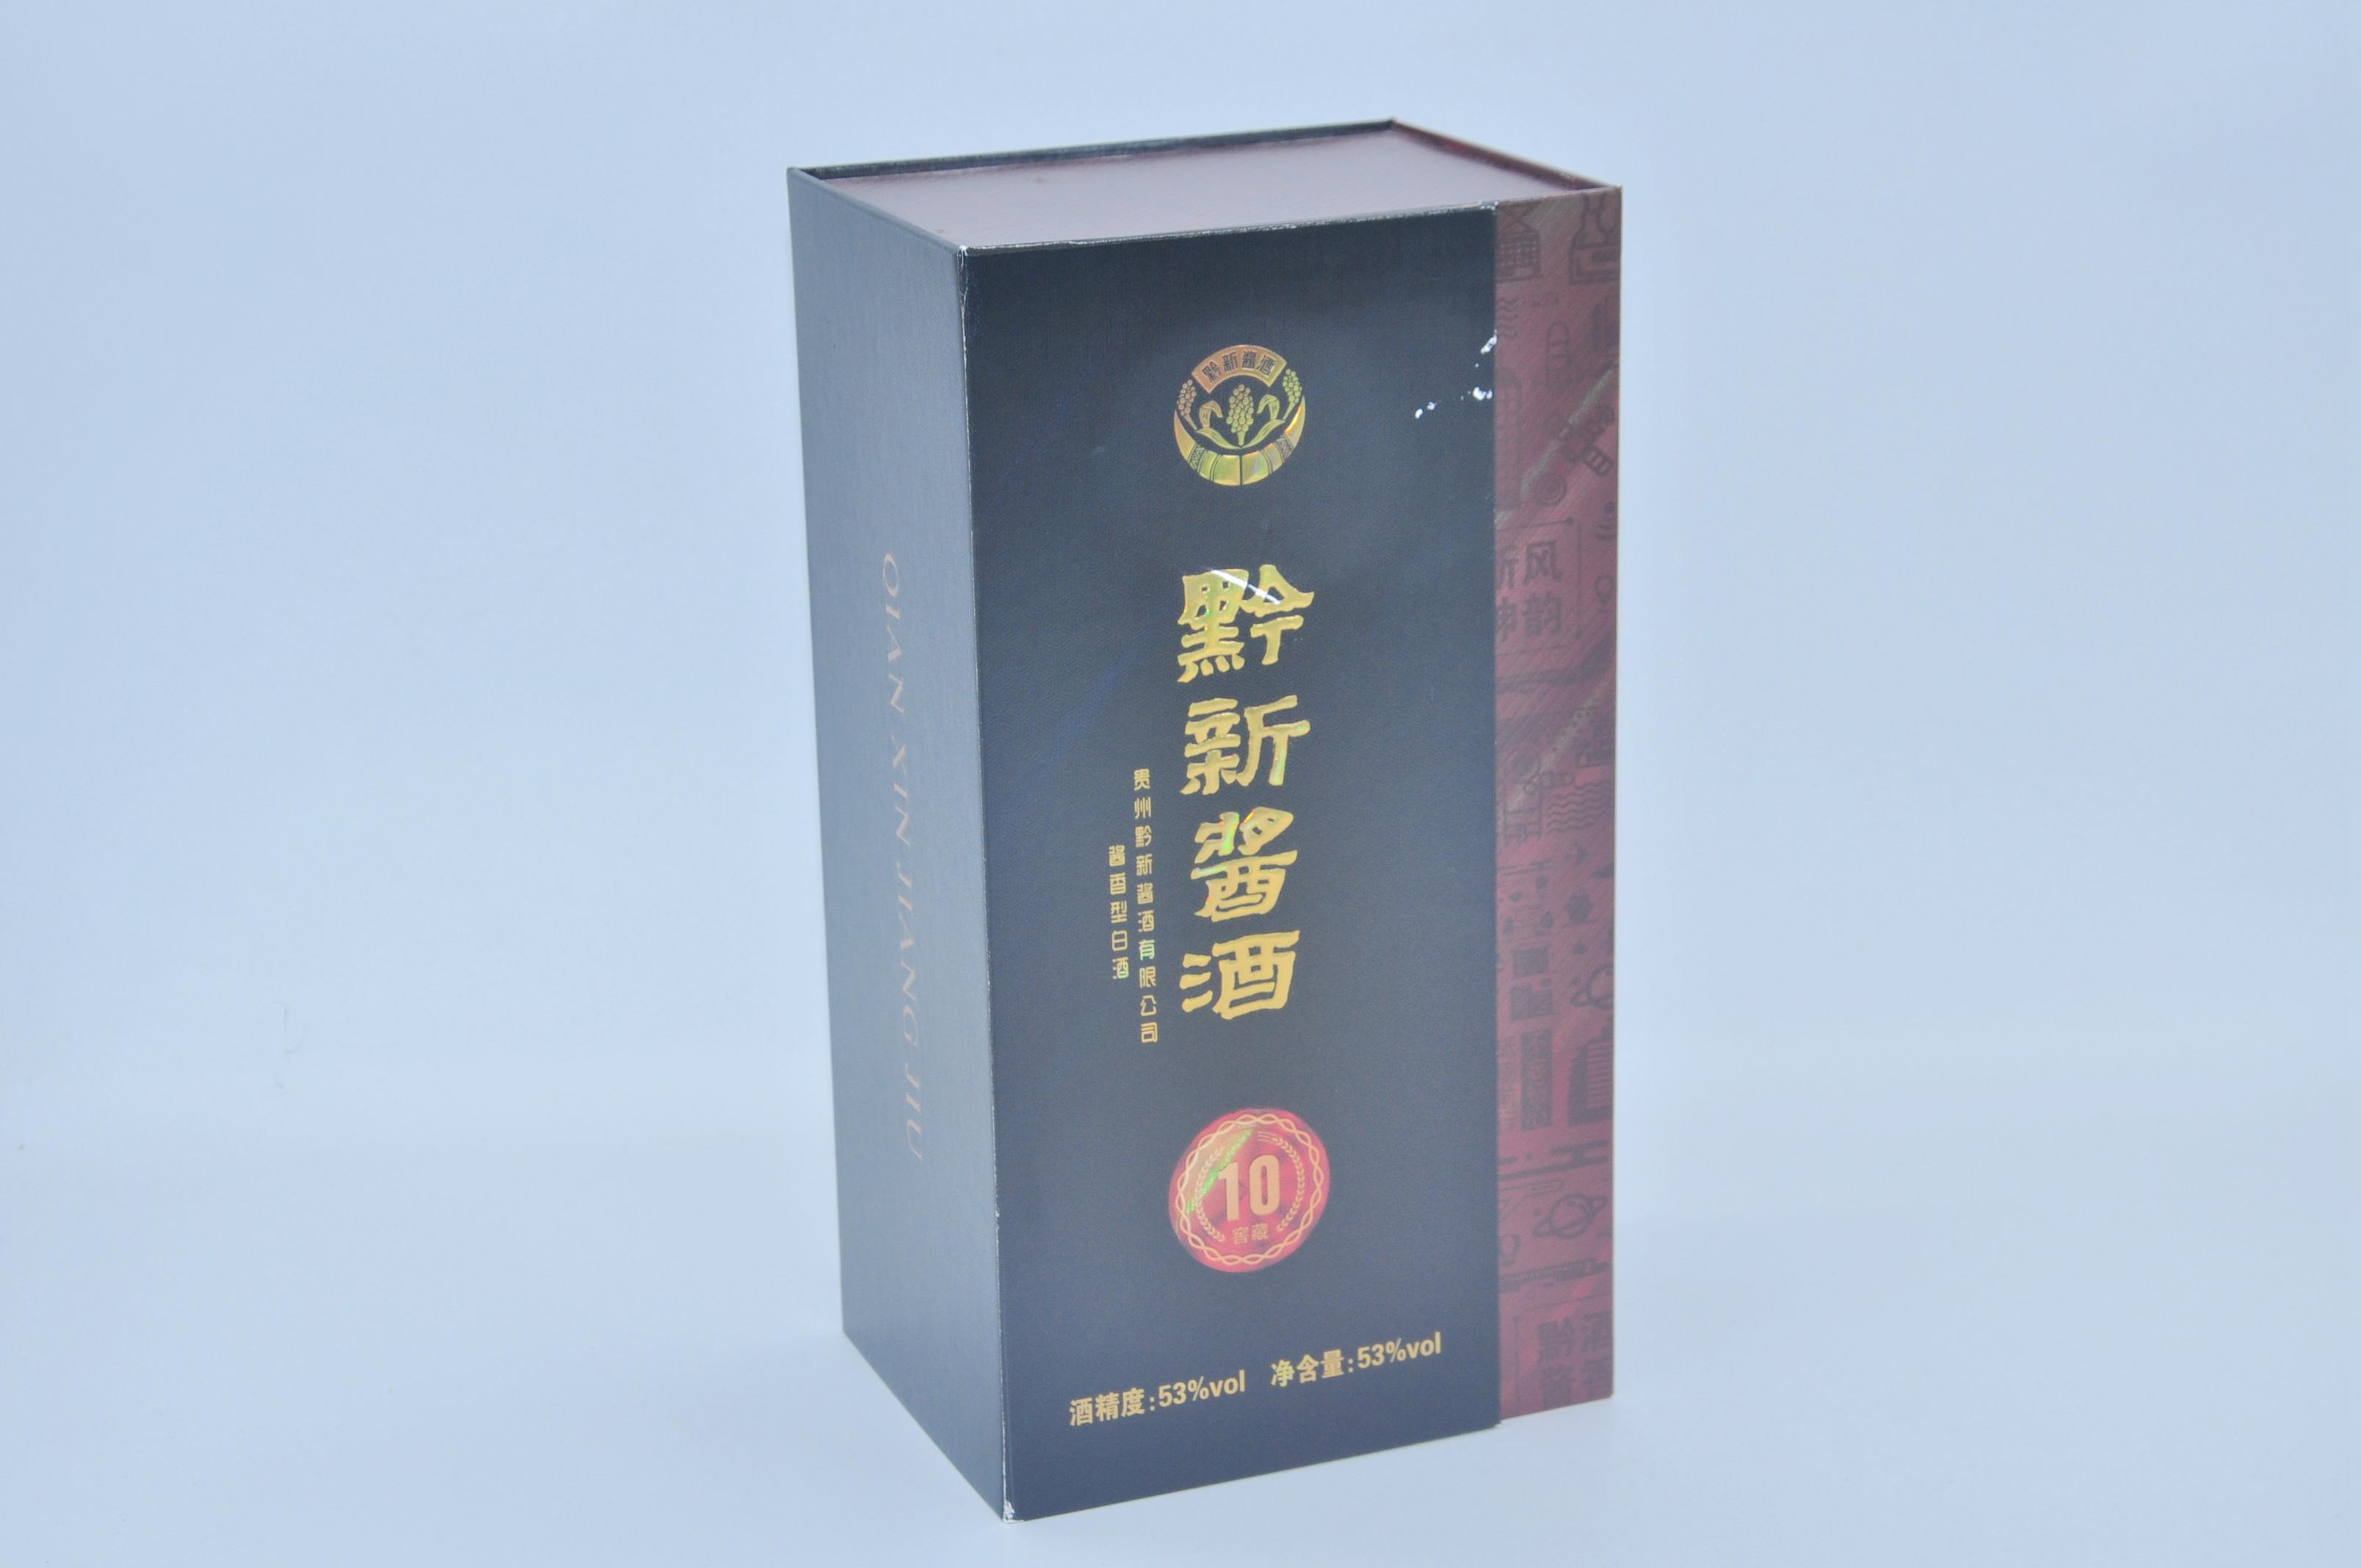 10年酱香白酒包装盒